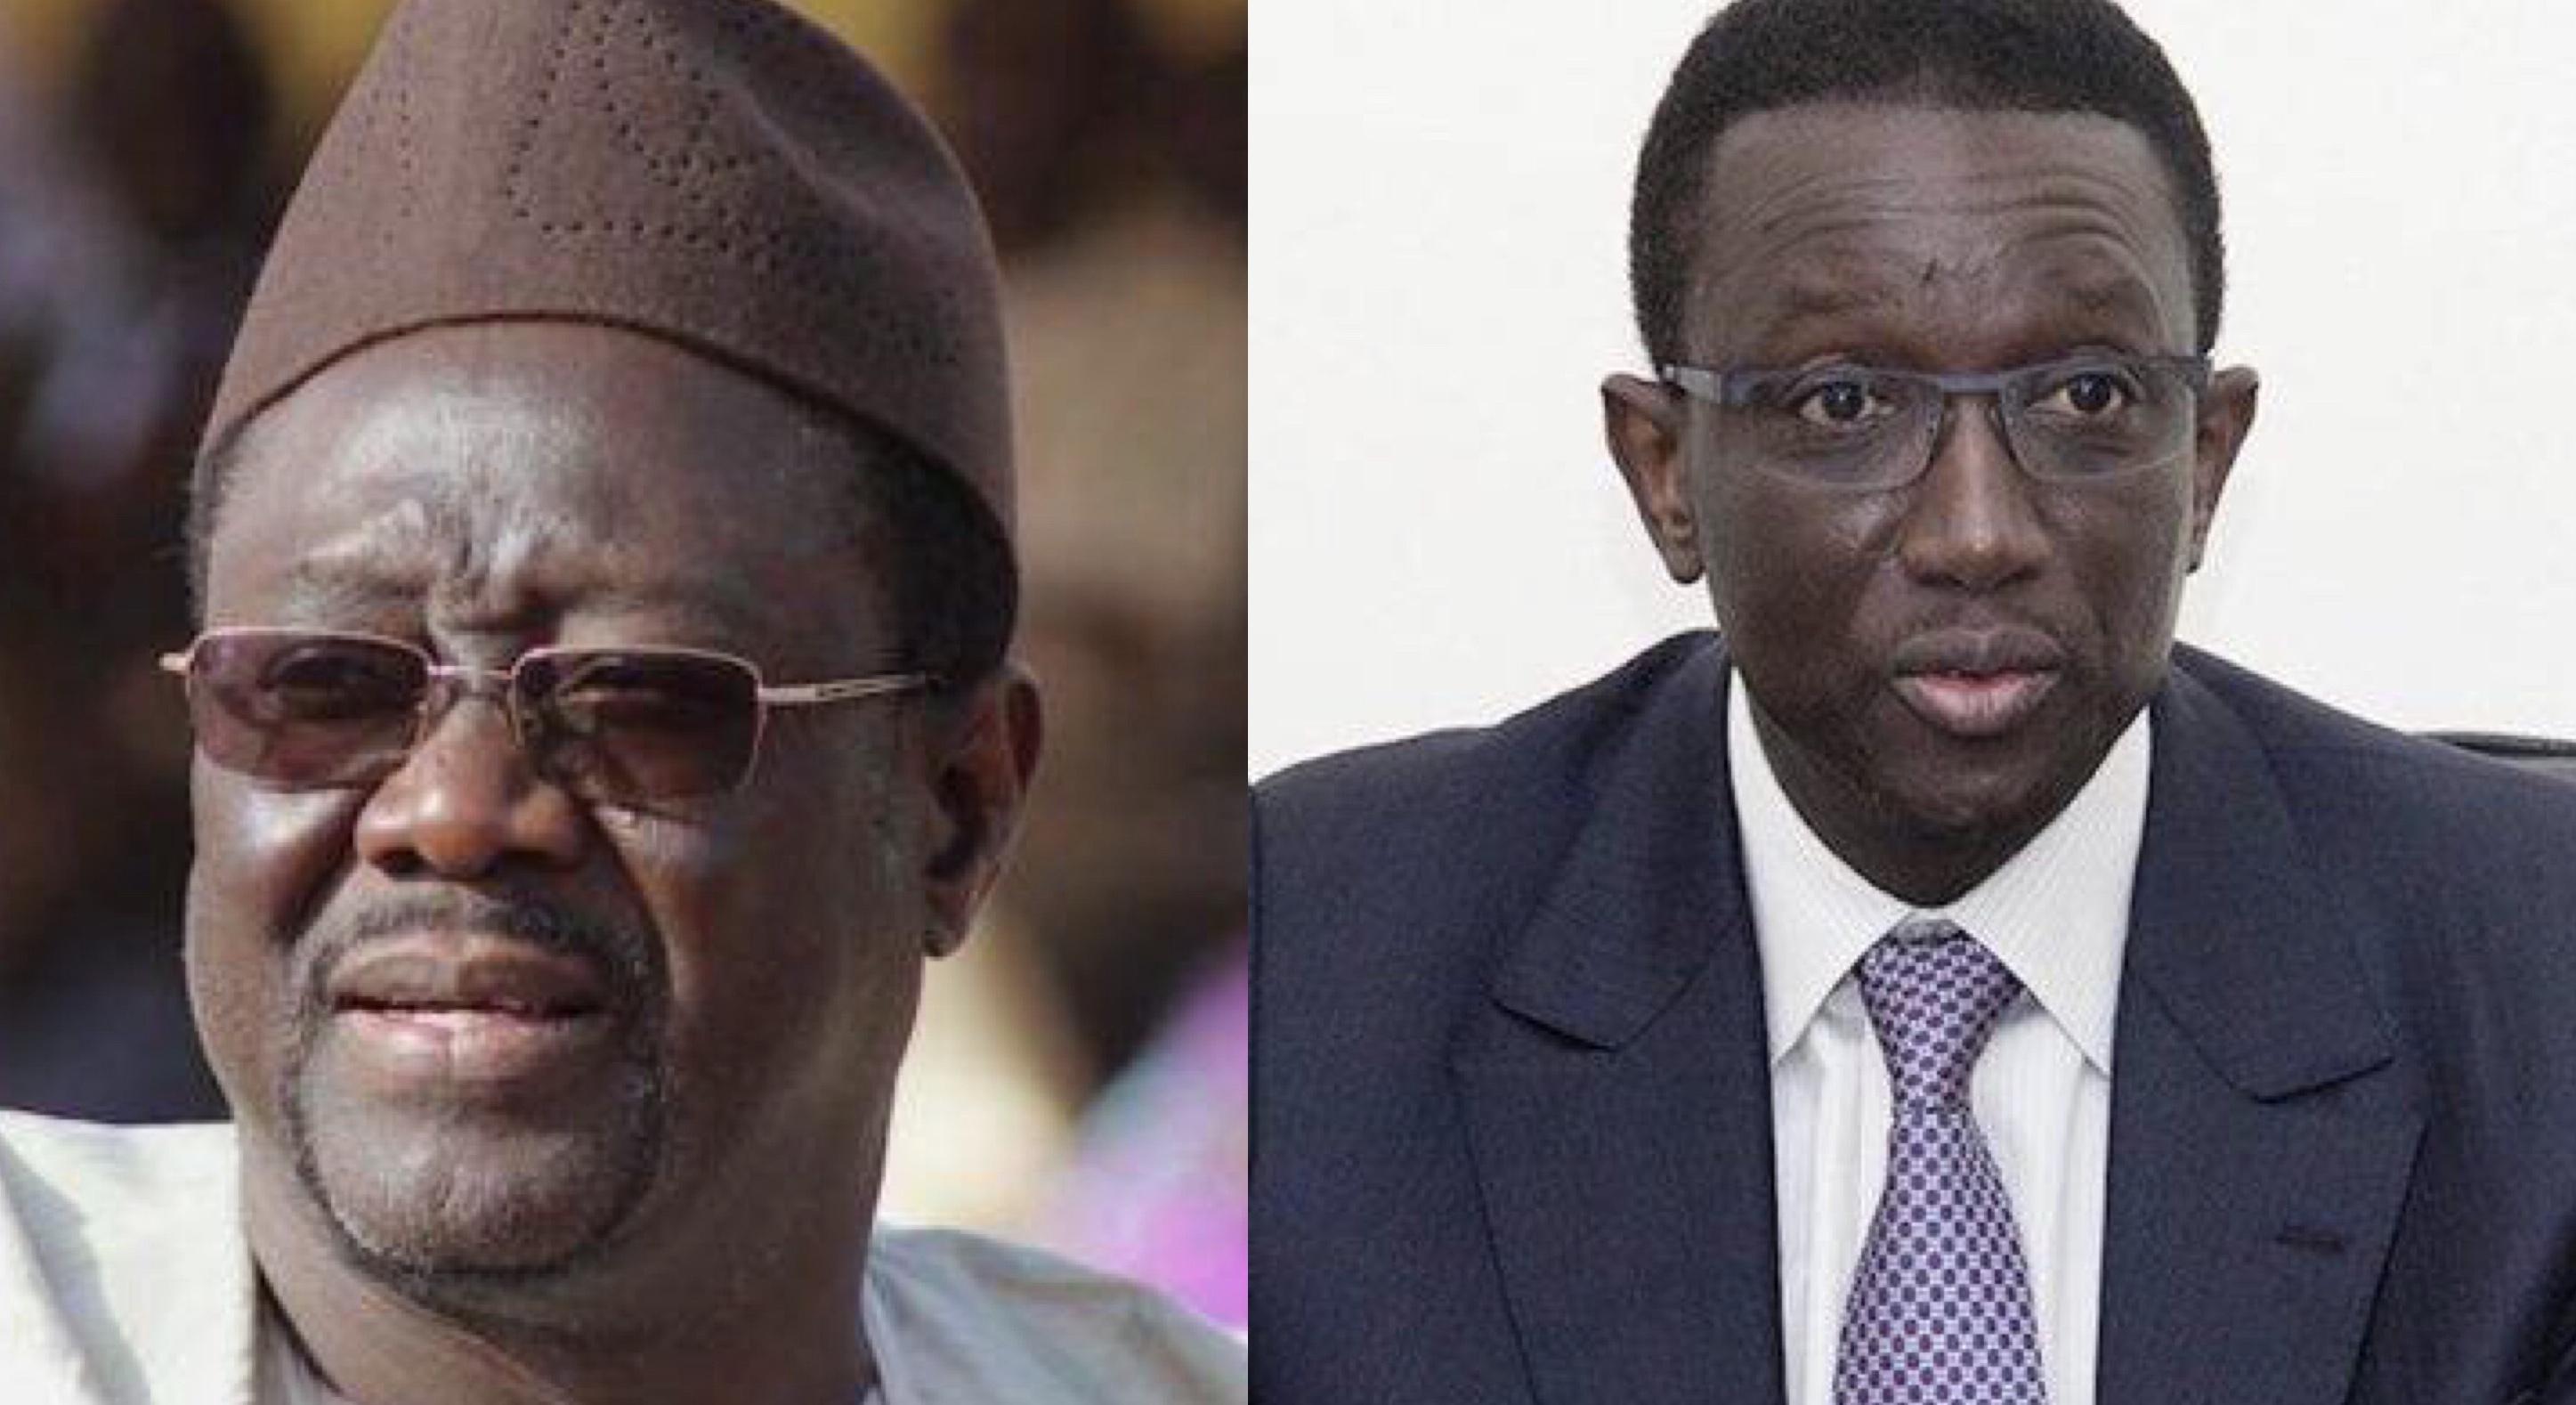 Les anciens ministres Mbaye Ndiaye et Amadou Ba se livrent à une vraie guerre des mots